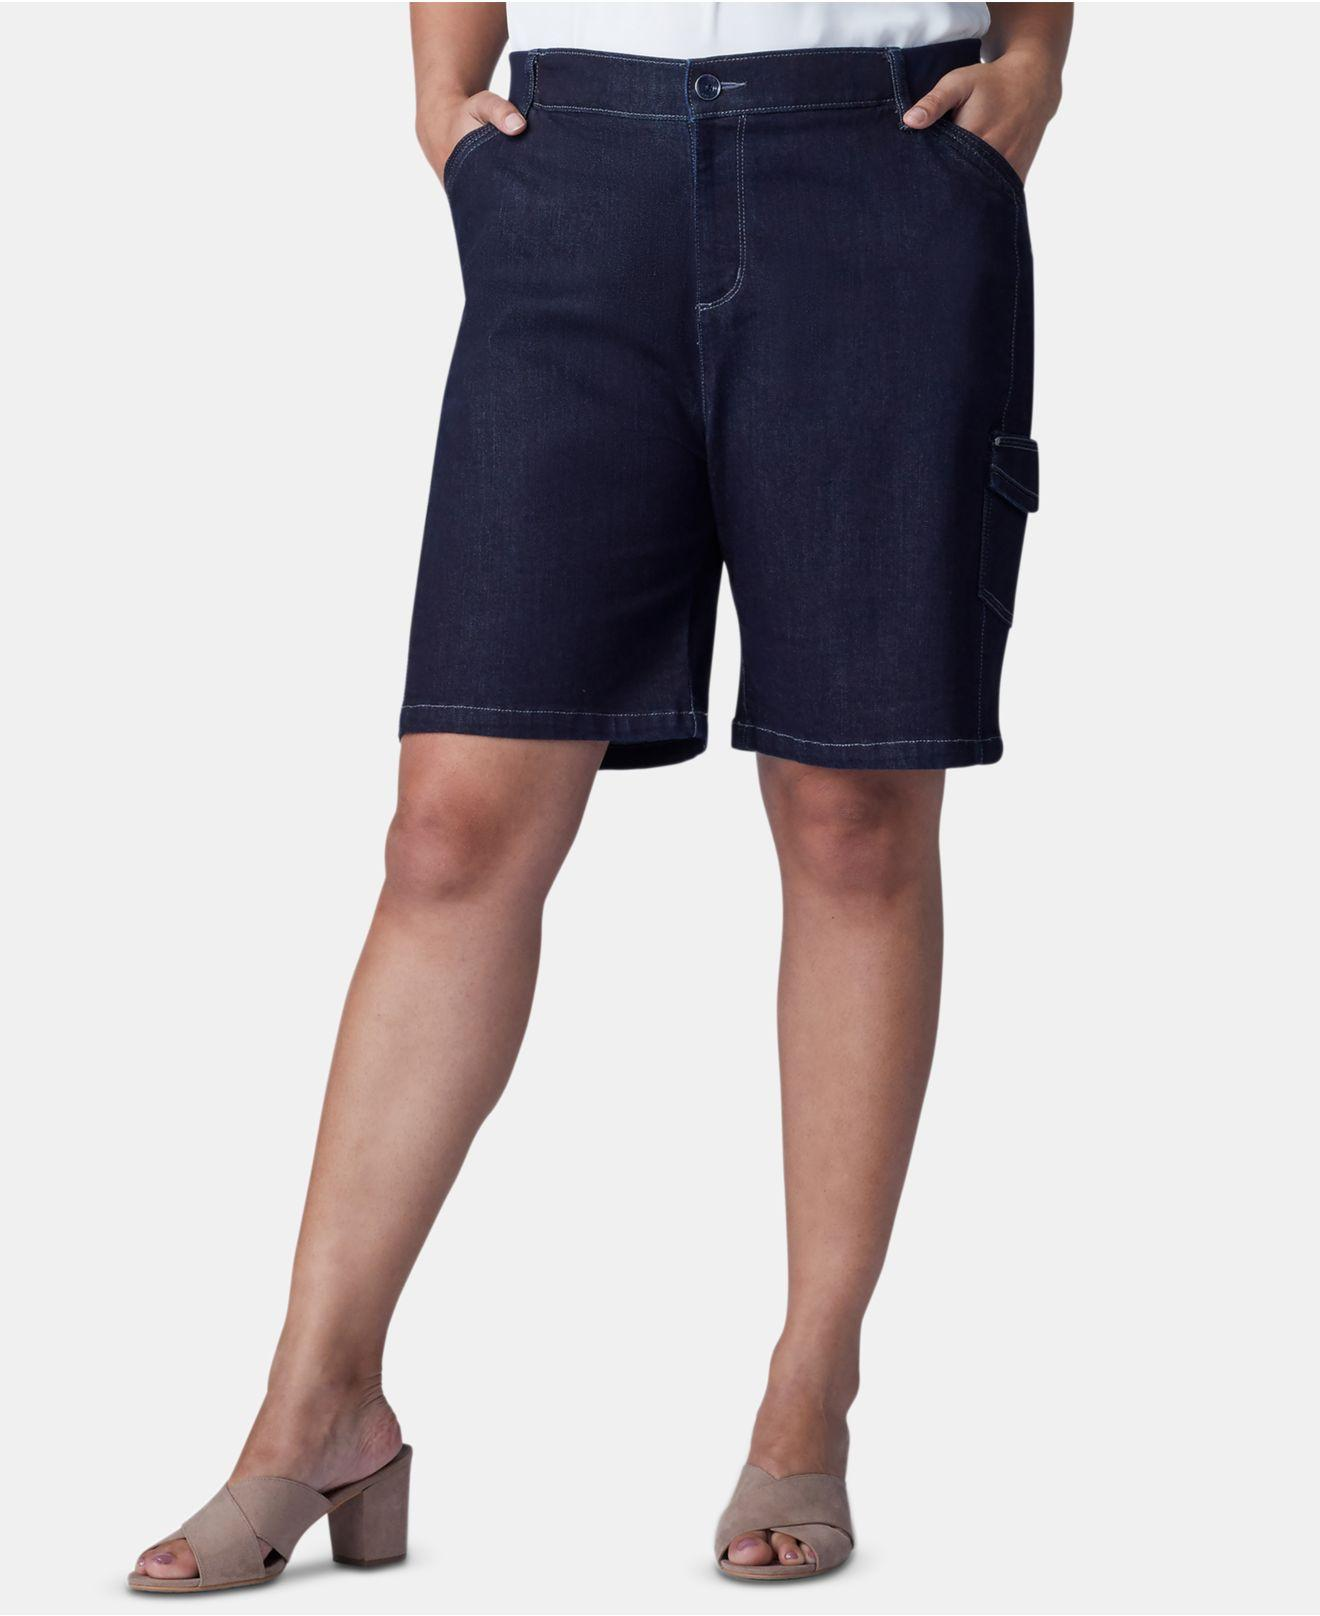 36bca6c8423 Lyst - Lee Platinum Plus Size Flex To Go Bermuda Cargo Shorts in Blue